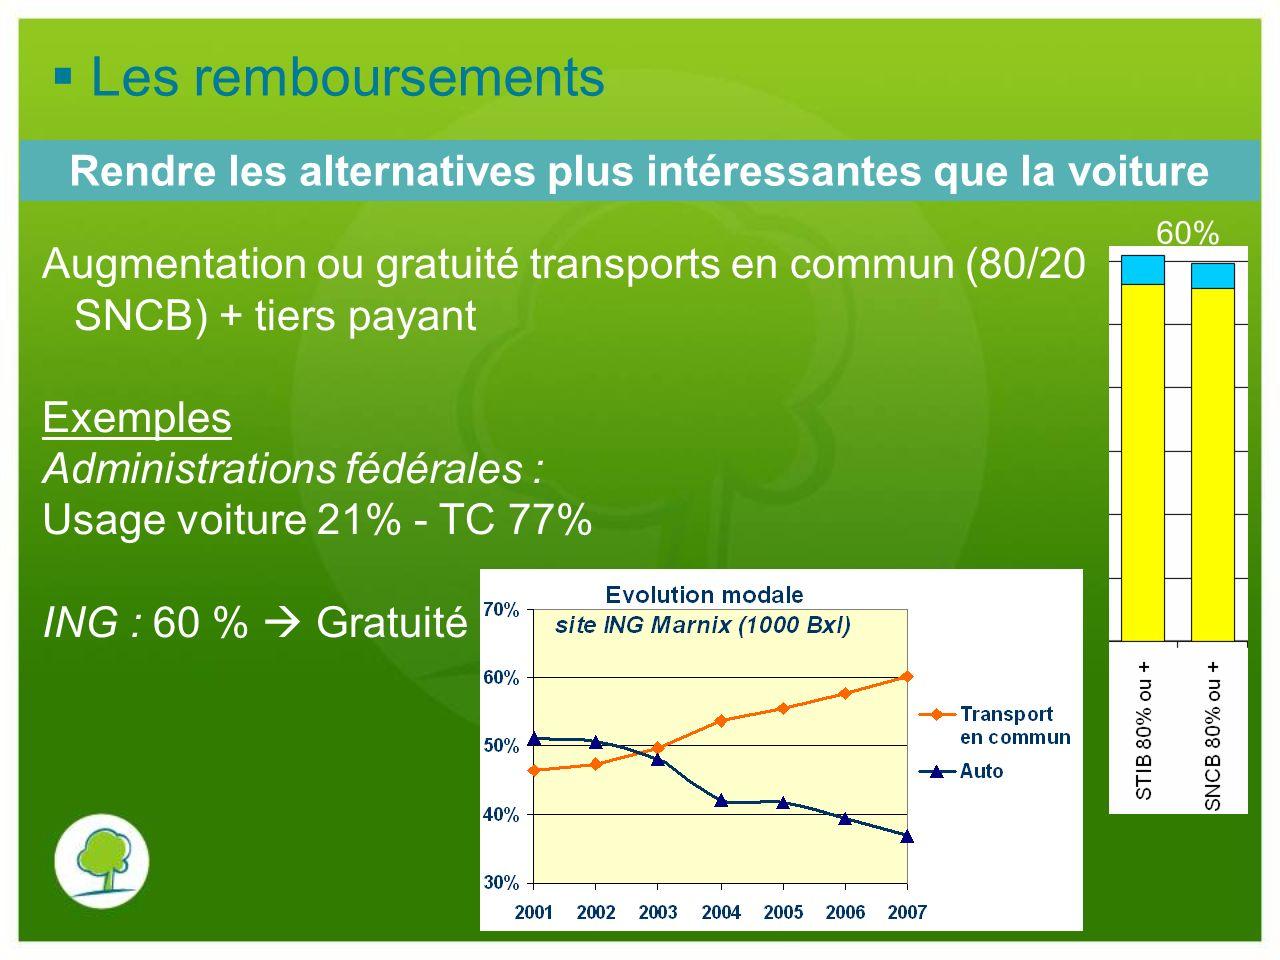 Augmentation ou gratuité transports en commun (80/20 SNCB) + tiers payant Exemples Administrations fédérales : Usage voiture 21% - TC 77% ING : 60 % G